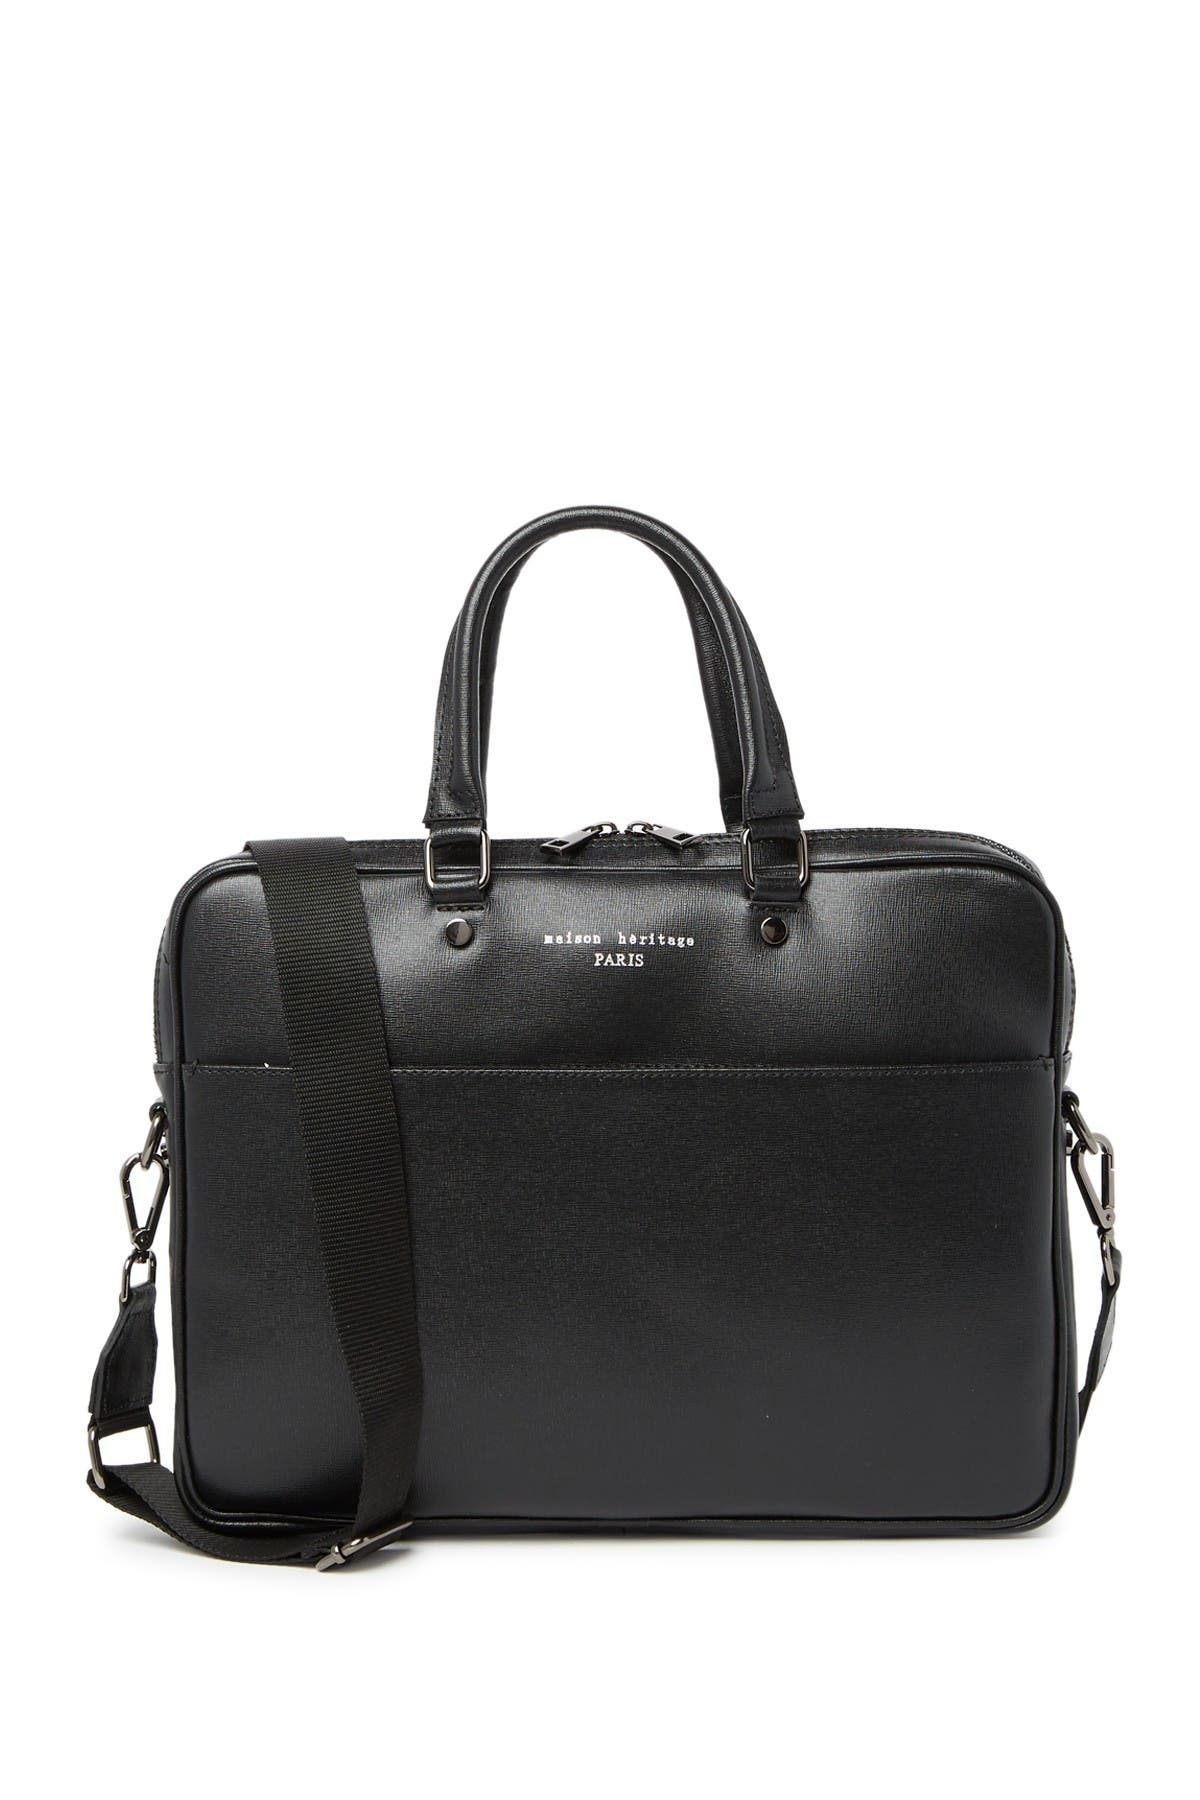 Image of Maison Heritage Leather Briefcase Shoulder Bag